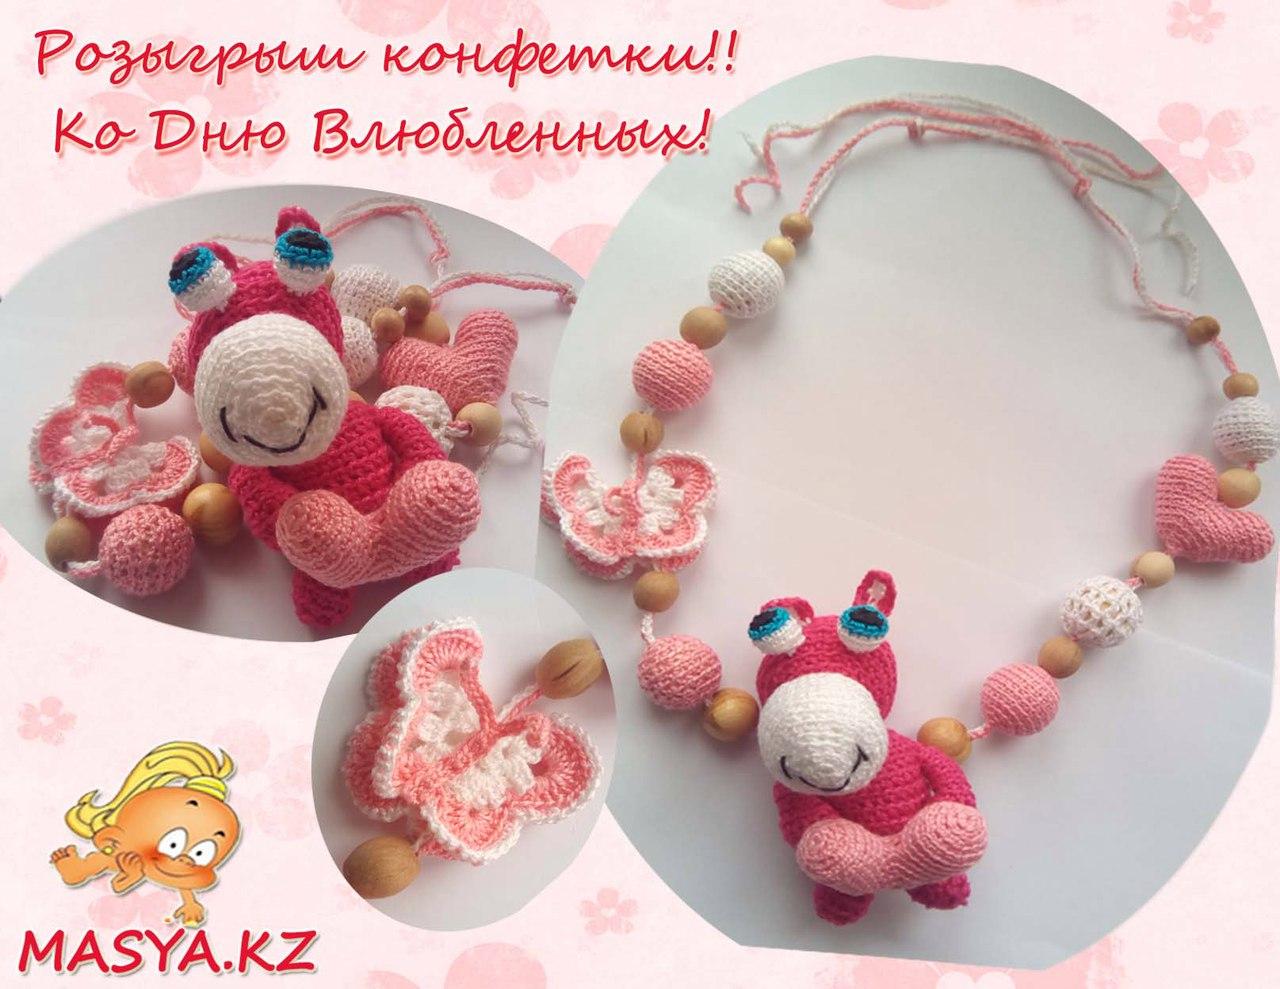 Хотите конфетку ко Дню Всех Влюбленных? :))